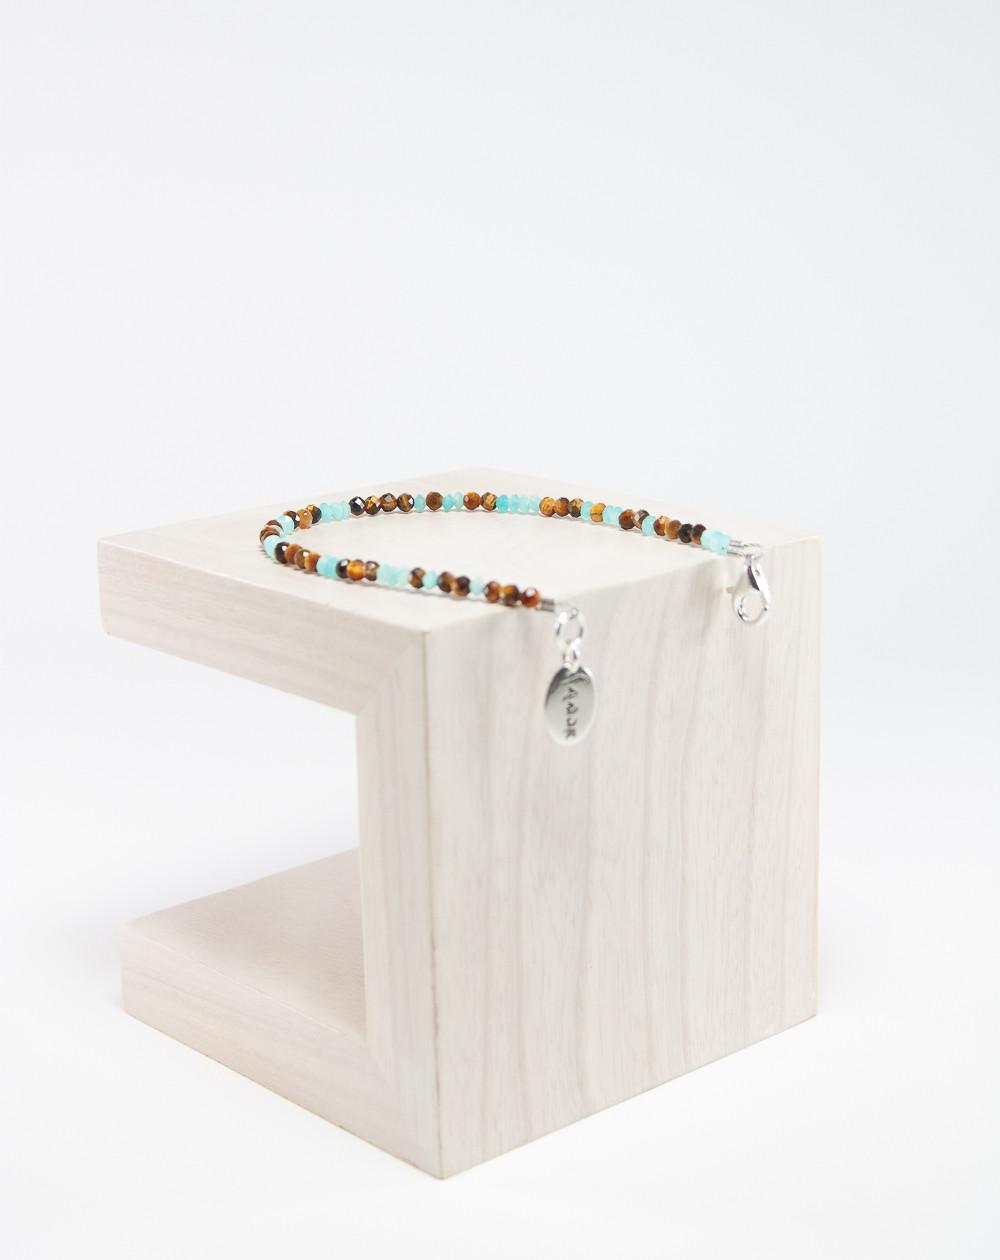 Bracelet en Oeil de tigre et Amazonite, Créateurs Français. Sanuk Création